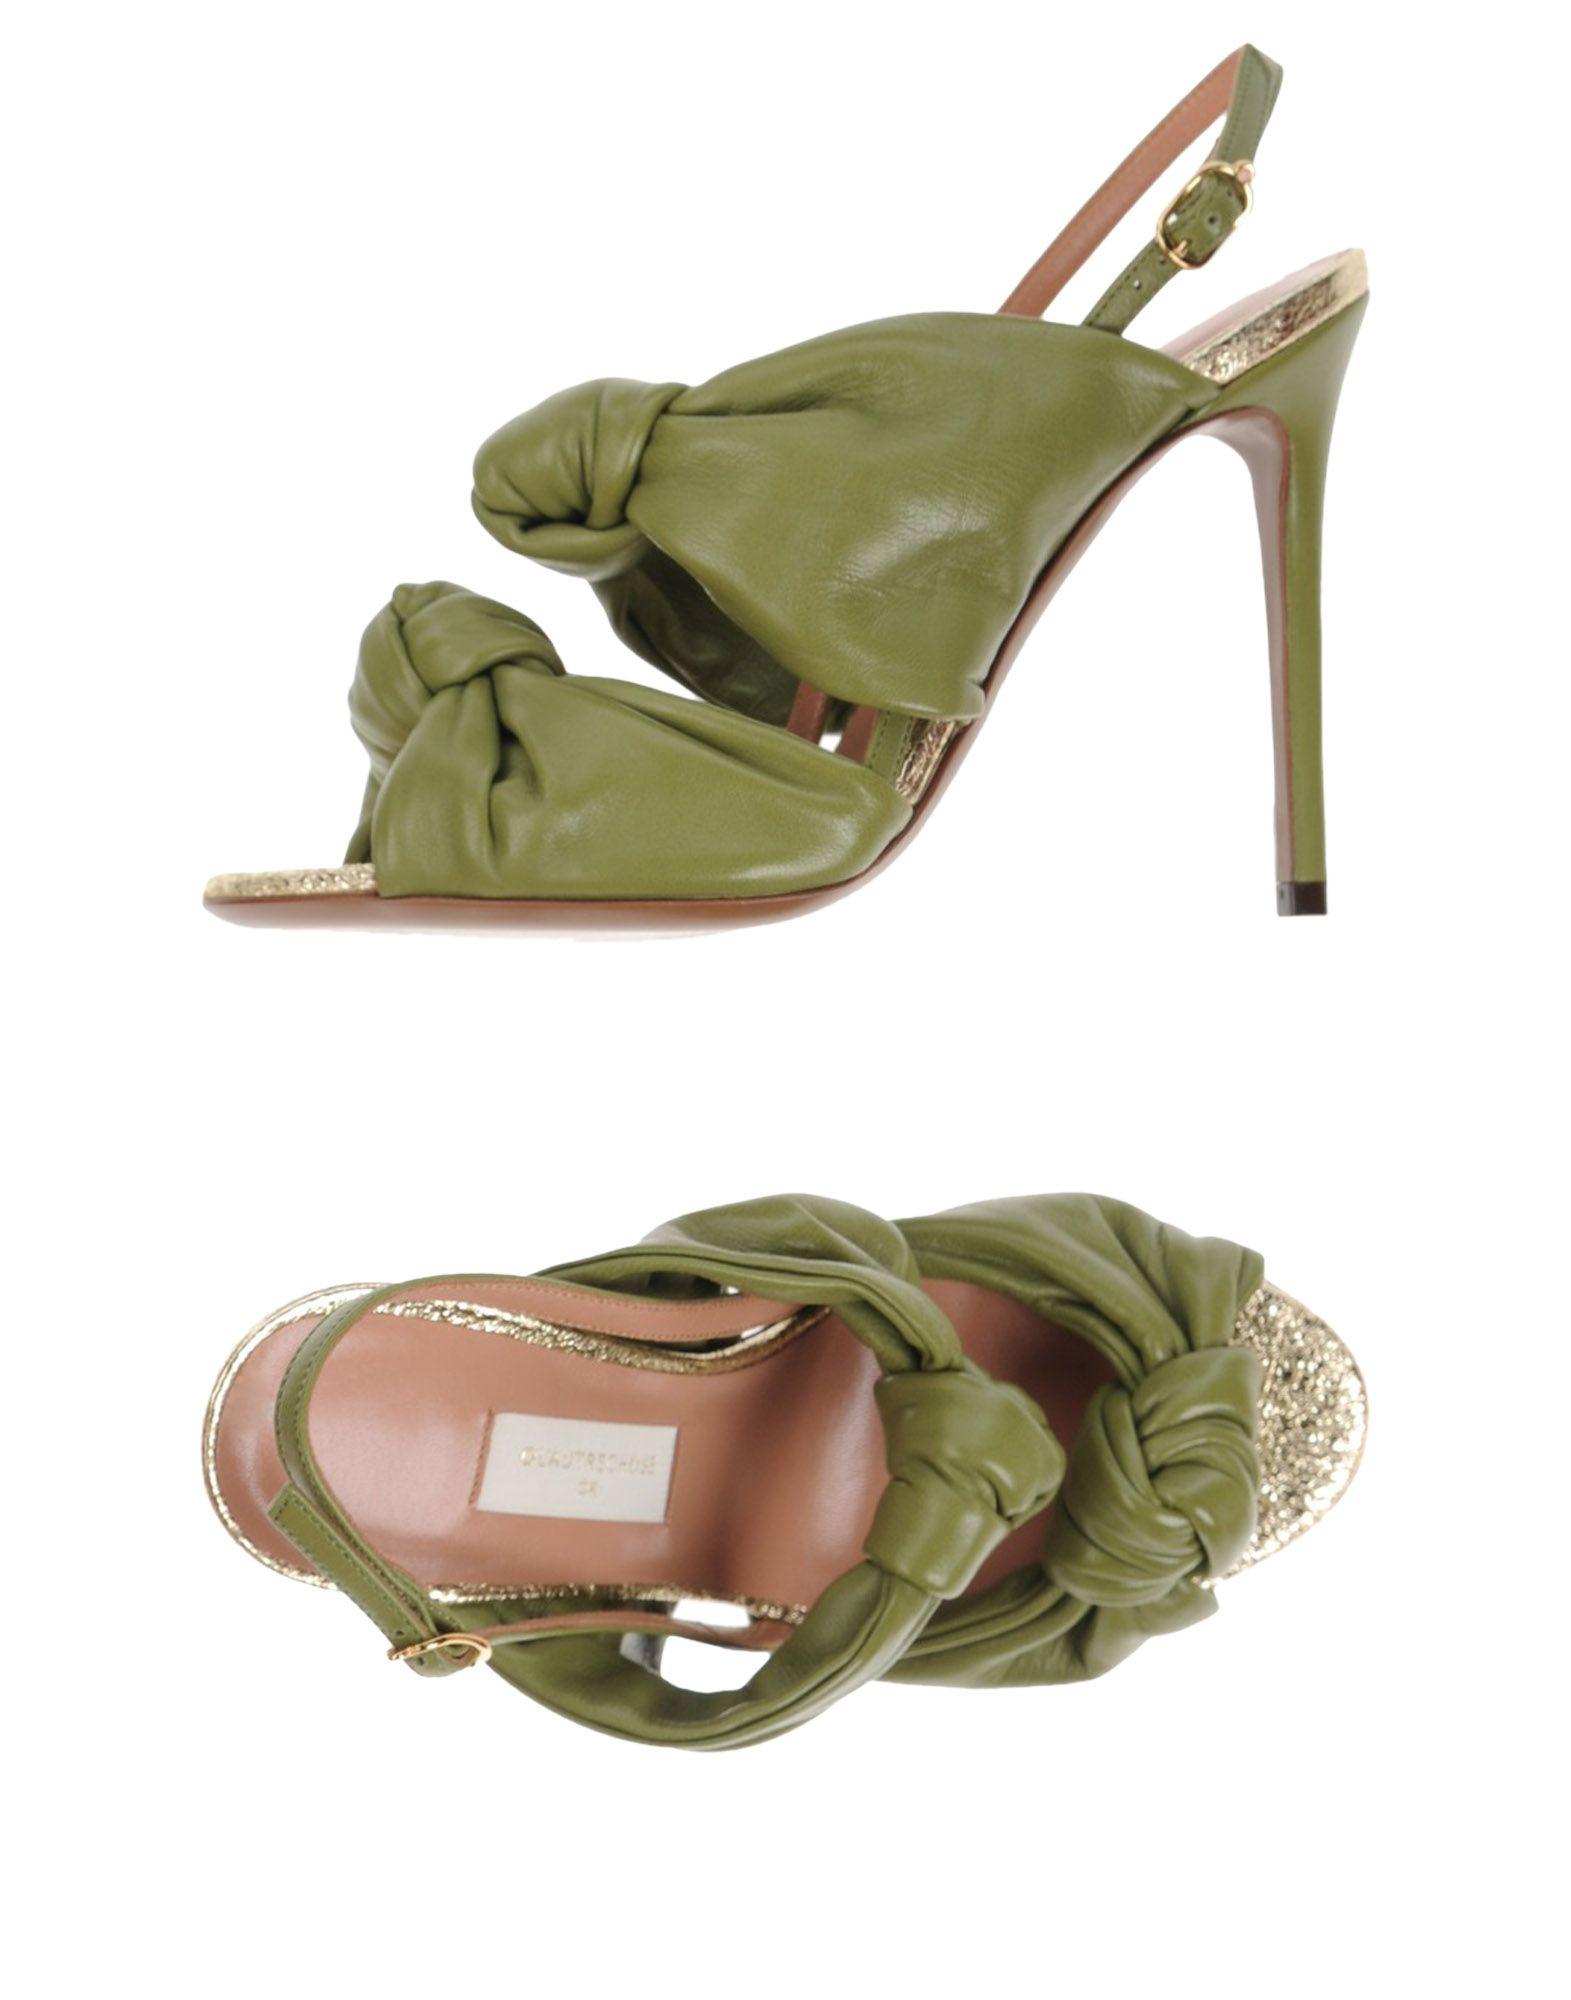 Klassischer Gutes Stil-3411,L' Butre Chose Sandalen Damen Gutes Klassischer Preis-Leistungs-Verhältnis, es lohnt sich 8b3f70